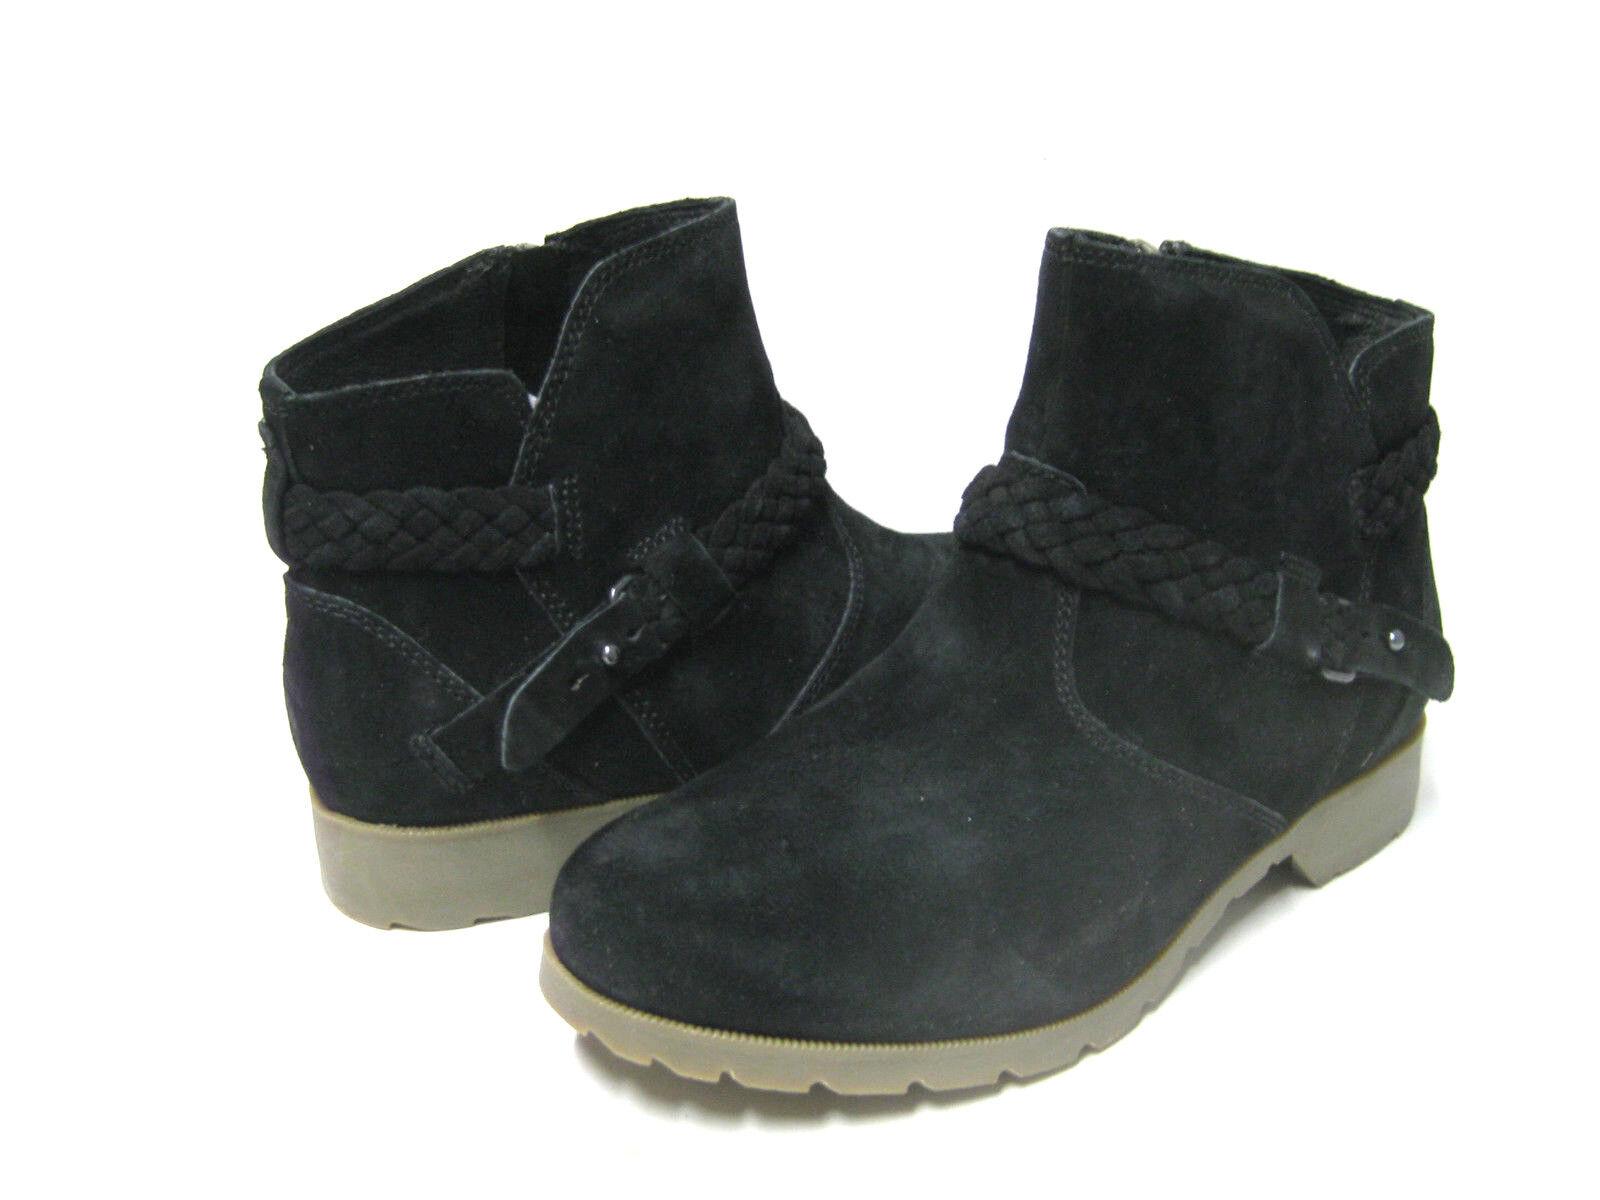 TEVA DE LA VINA WOMEN ANKLE BOOTS SUEDE BLACK  US 8.5  UK 6.5  EU 39.5